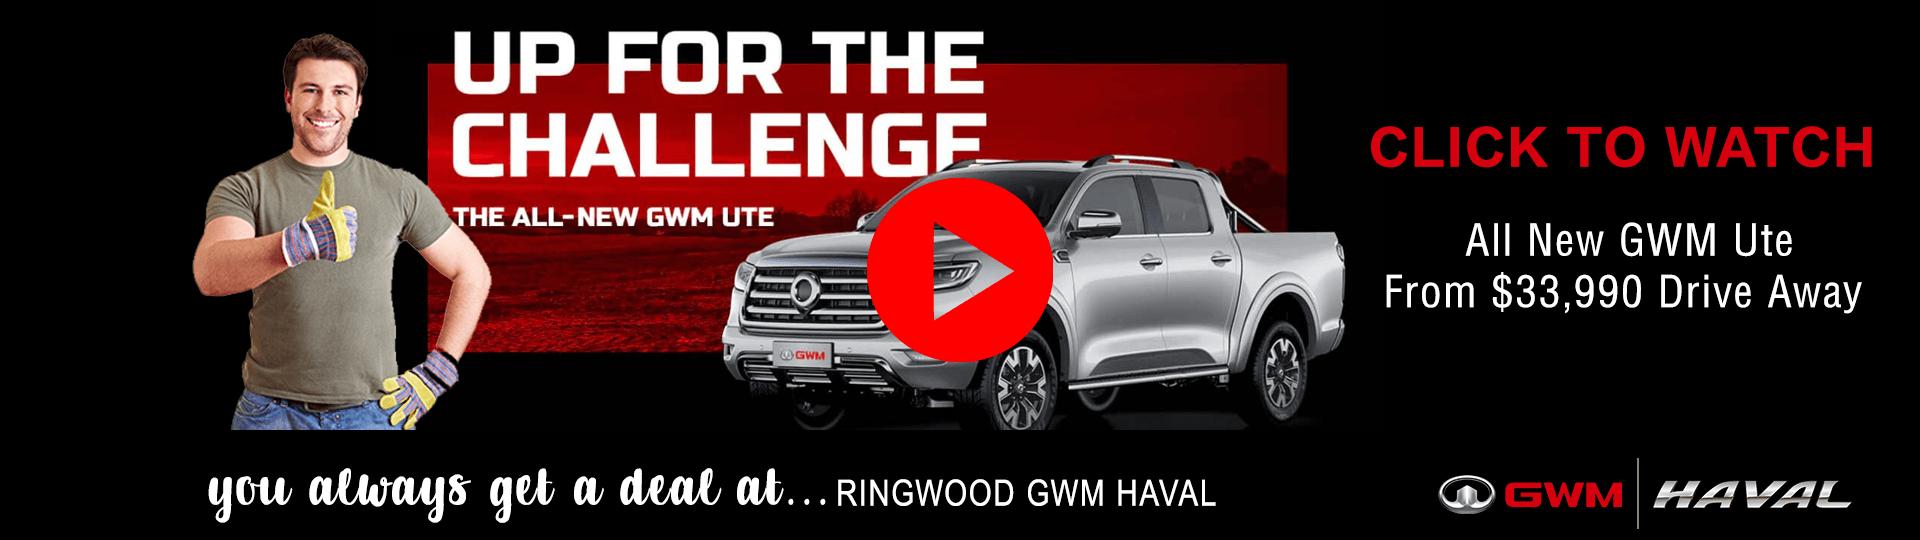 Ringwood GWM HAVAL - GWM UTE